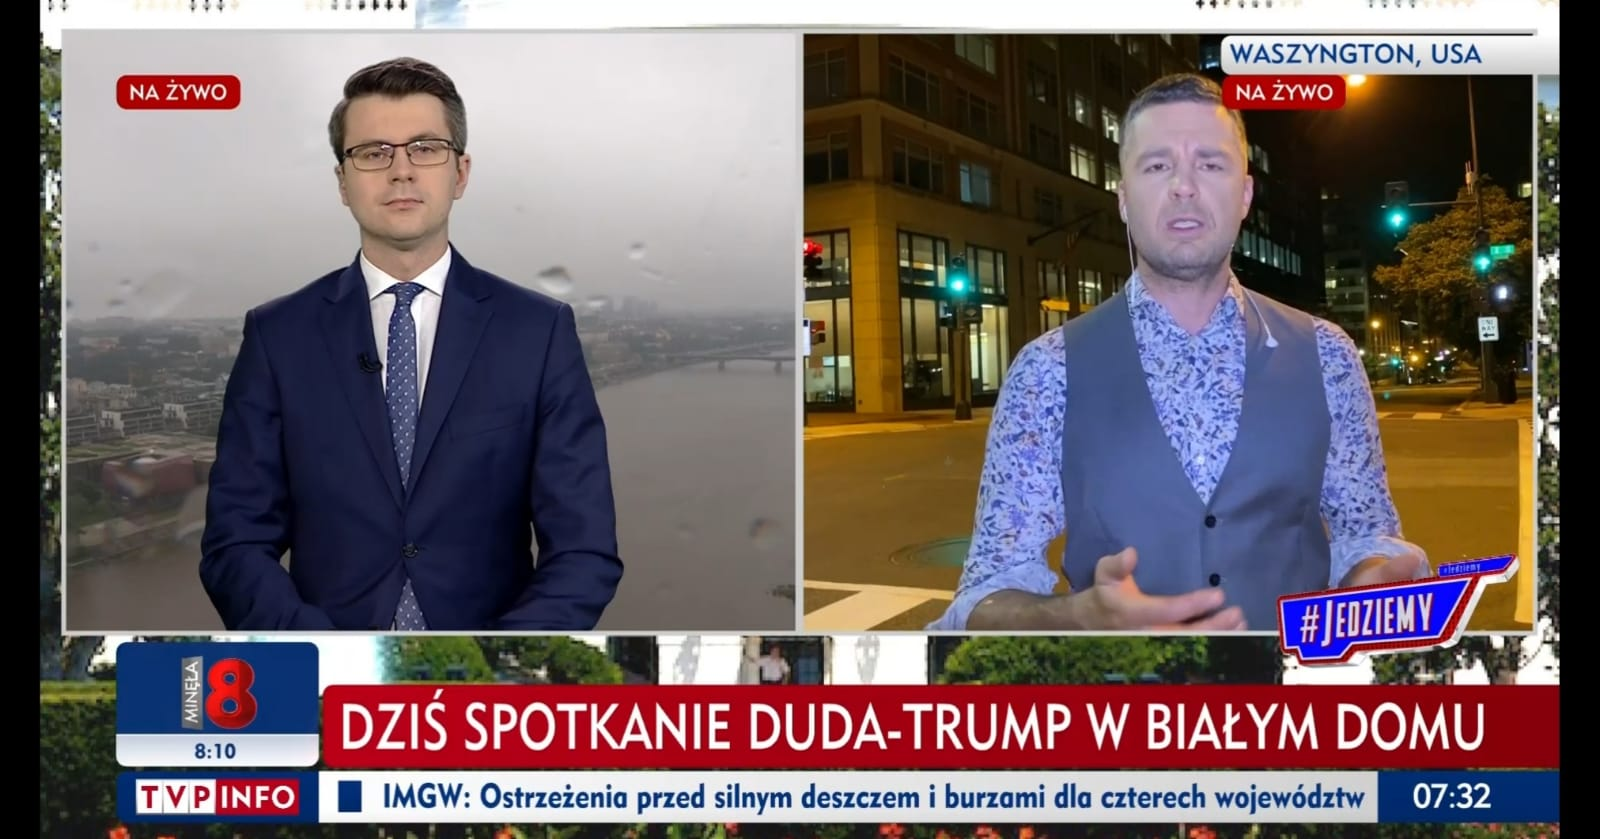 Piotr Müller w programie #Jedziemy